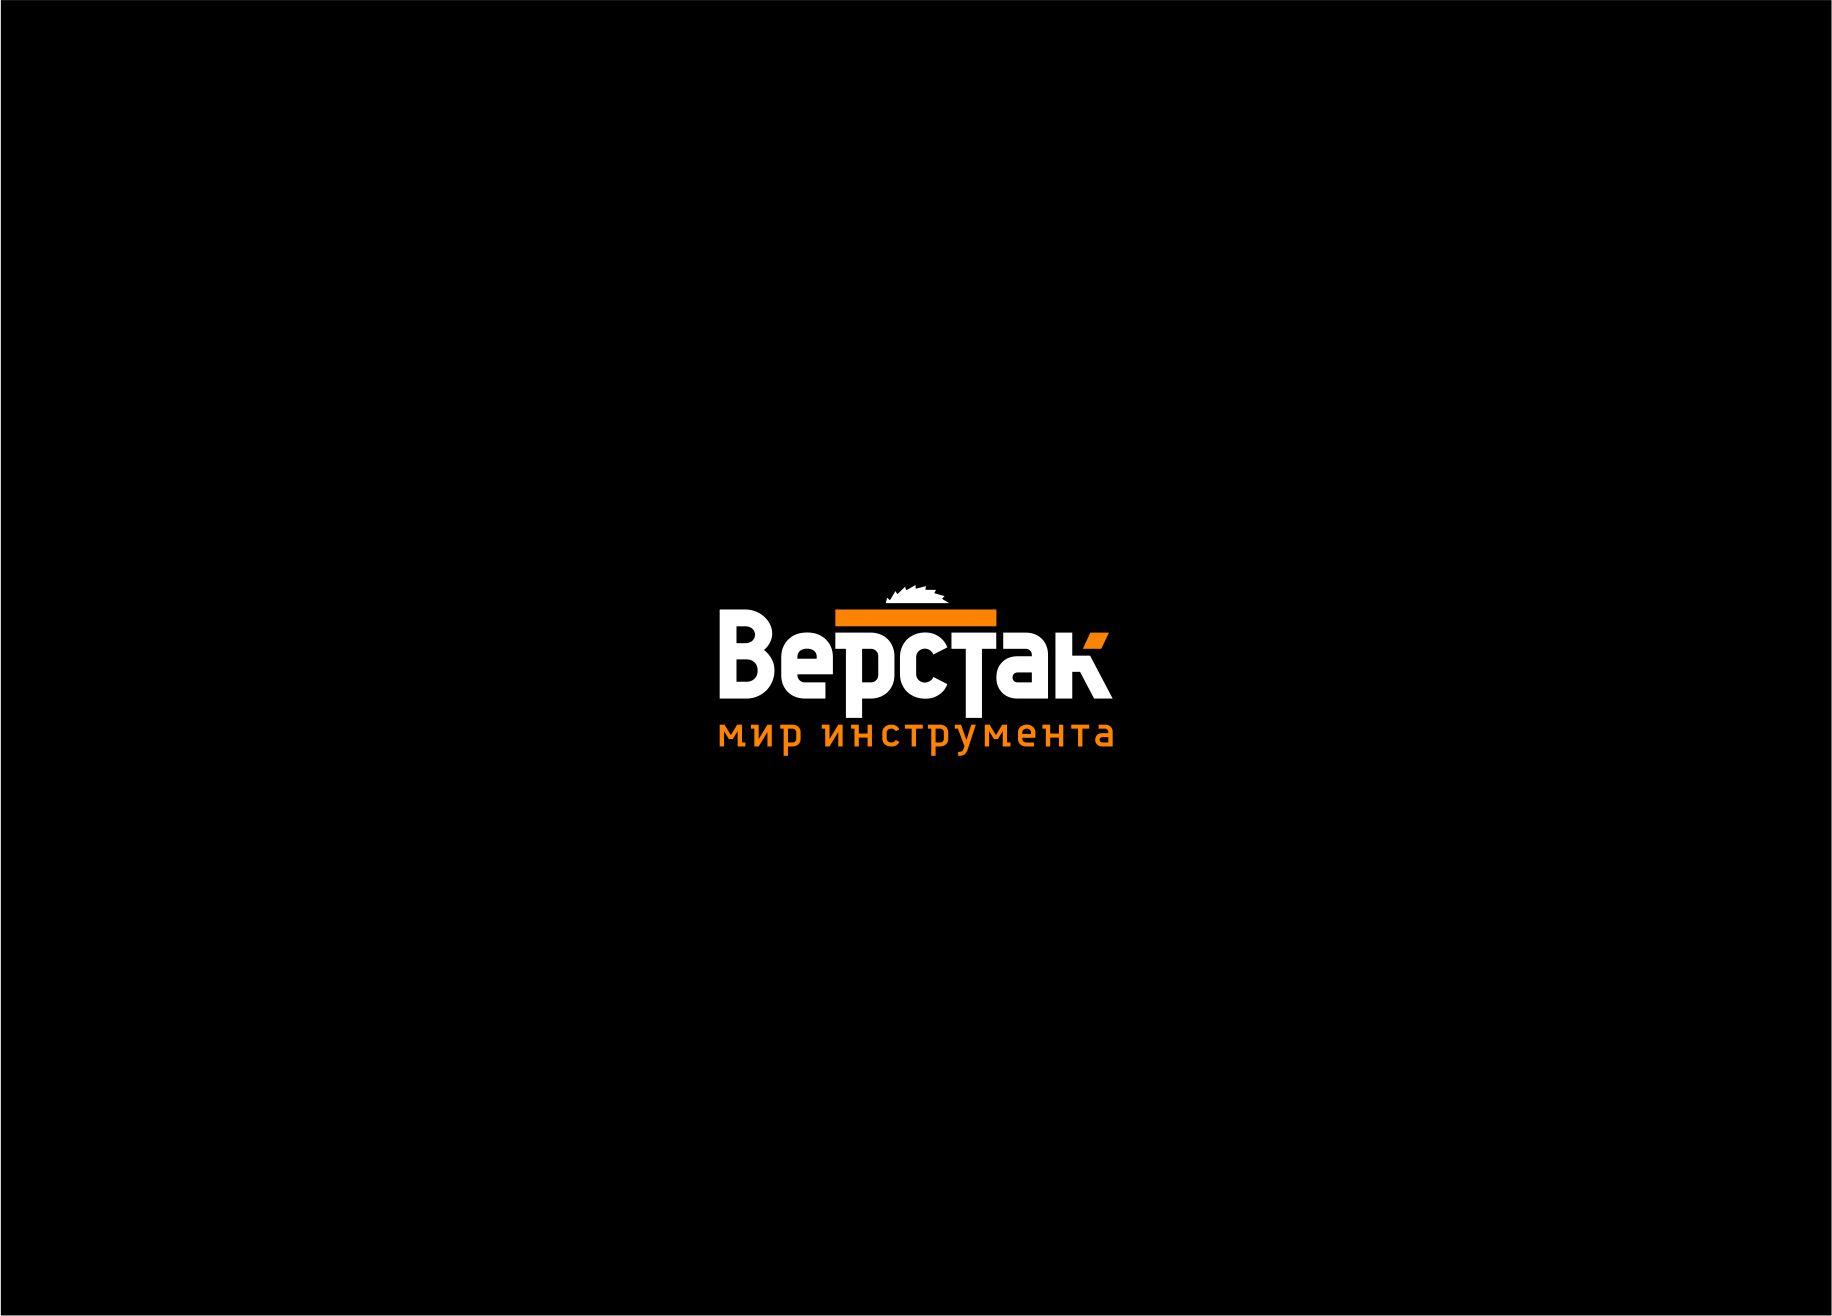 Логотип магазина бензо, электро, ручного инструмента фото f_3035a0d6efdce2e0.jpg